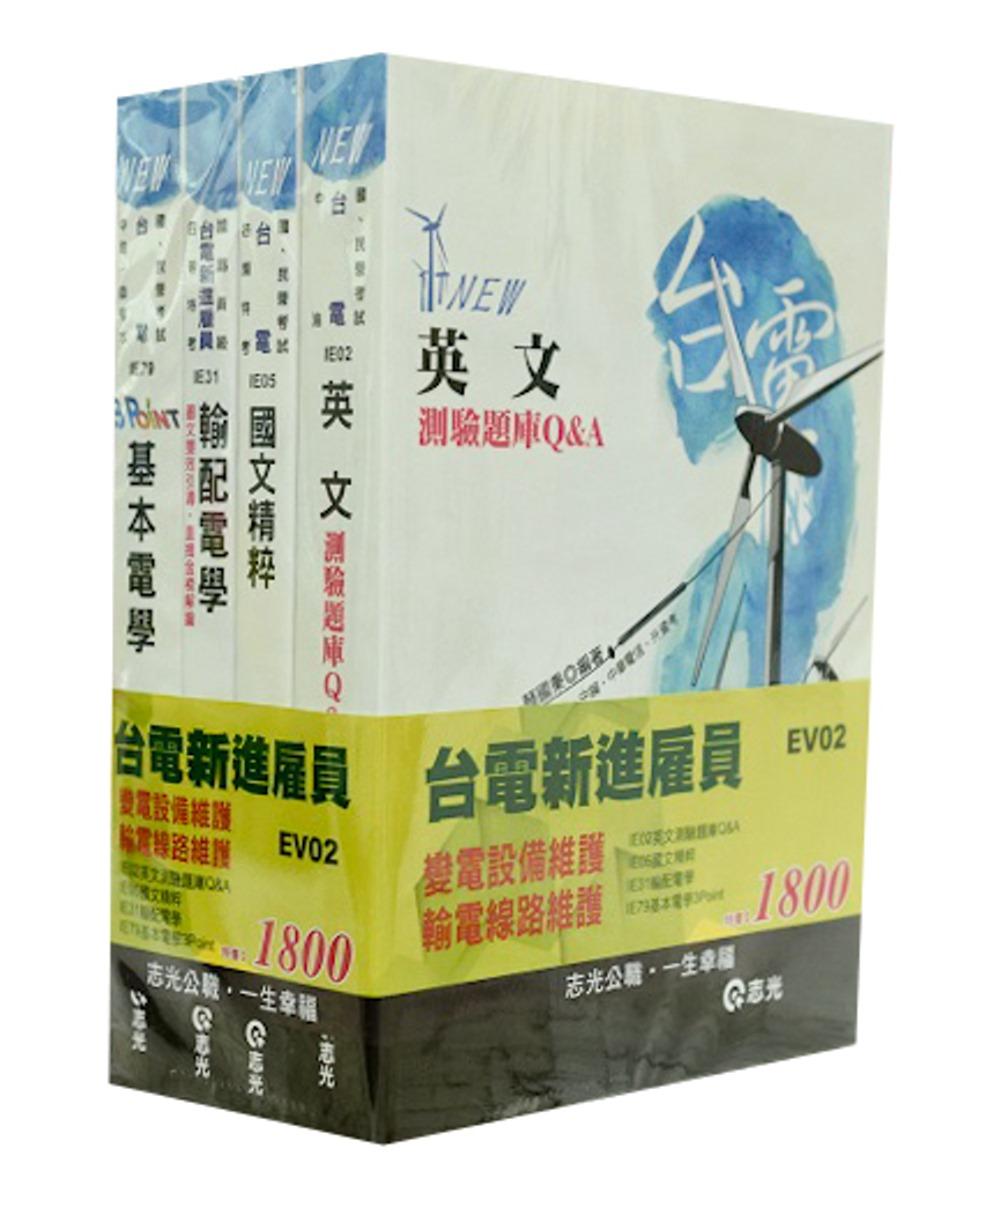 台電新進雇員(變電設備、輸電線路)套書